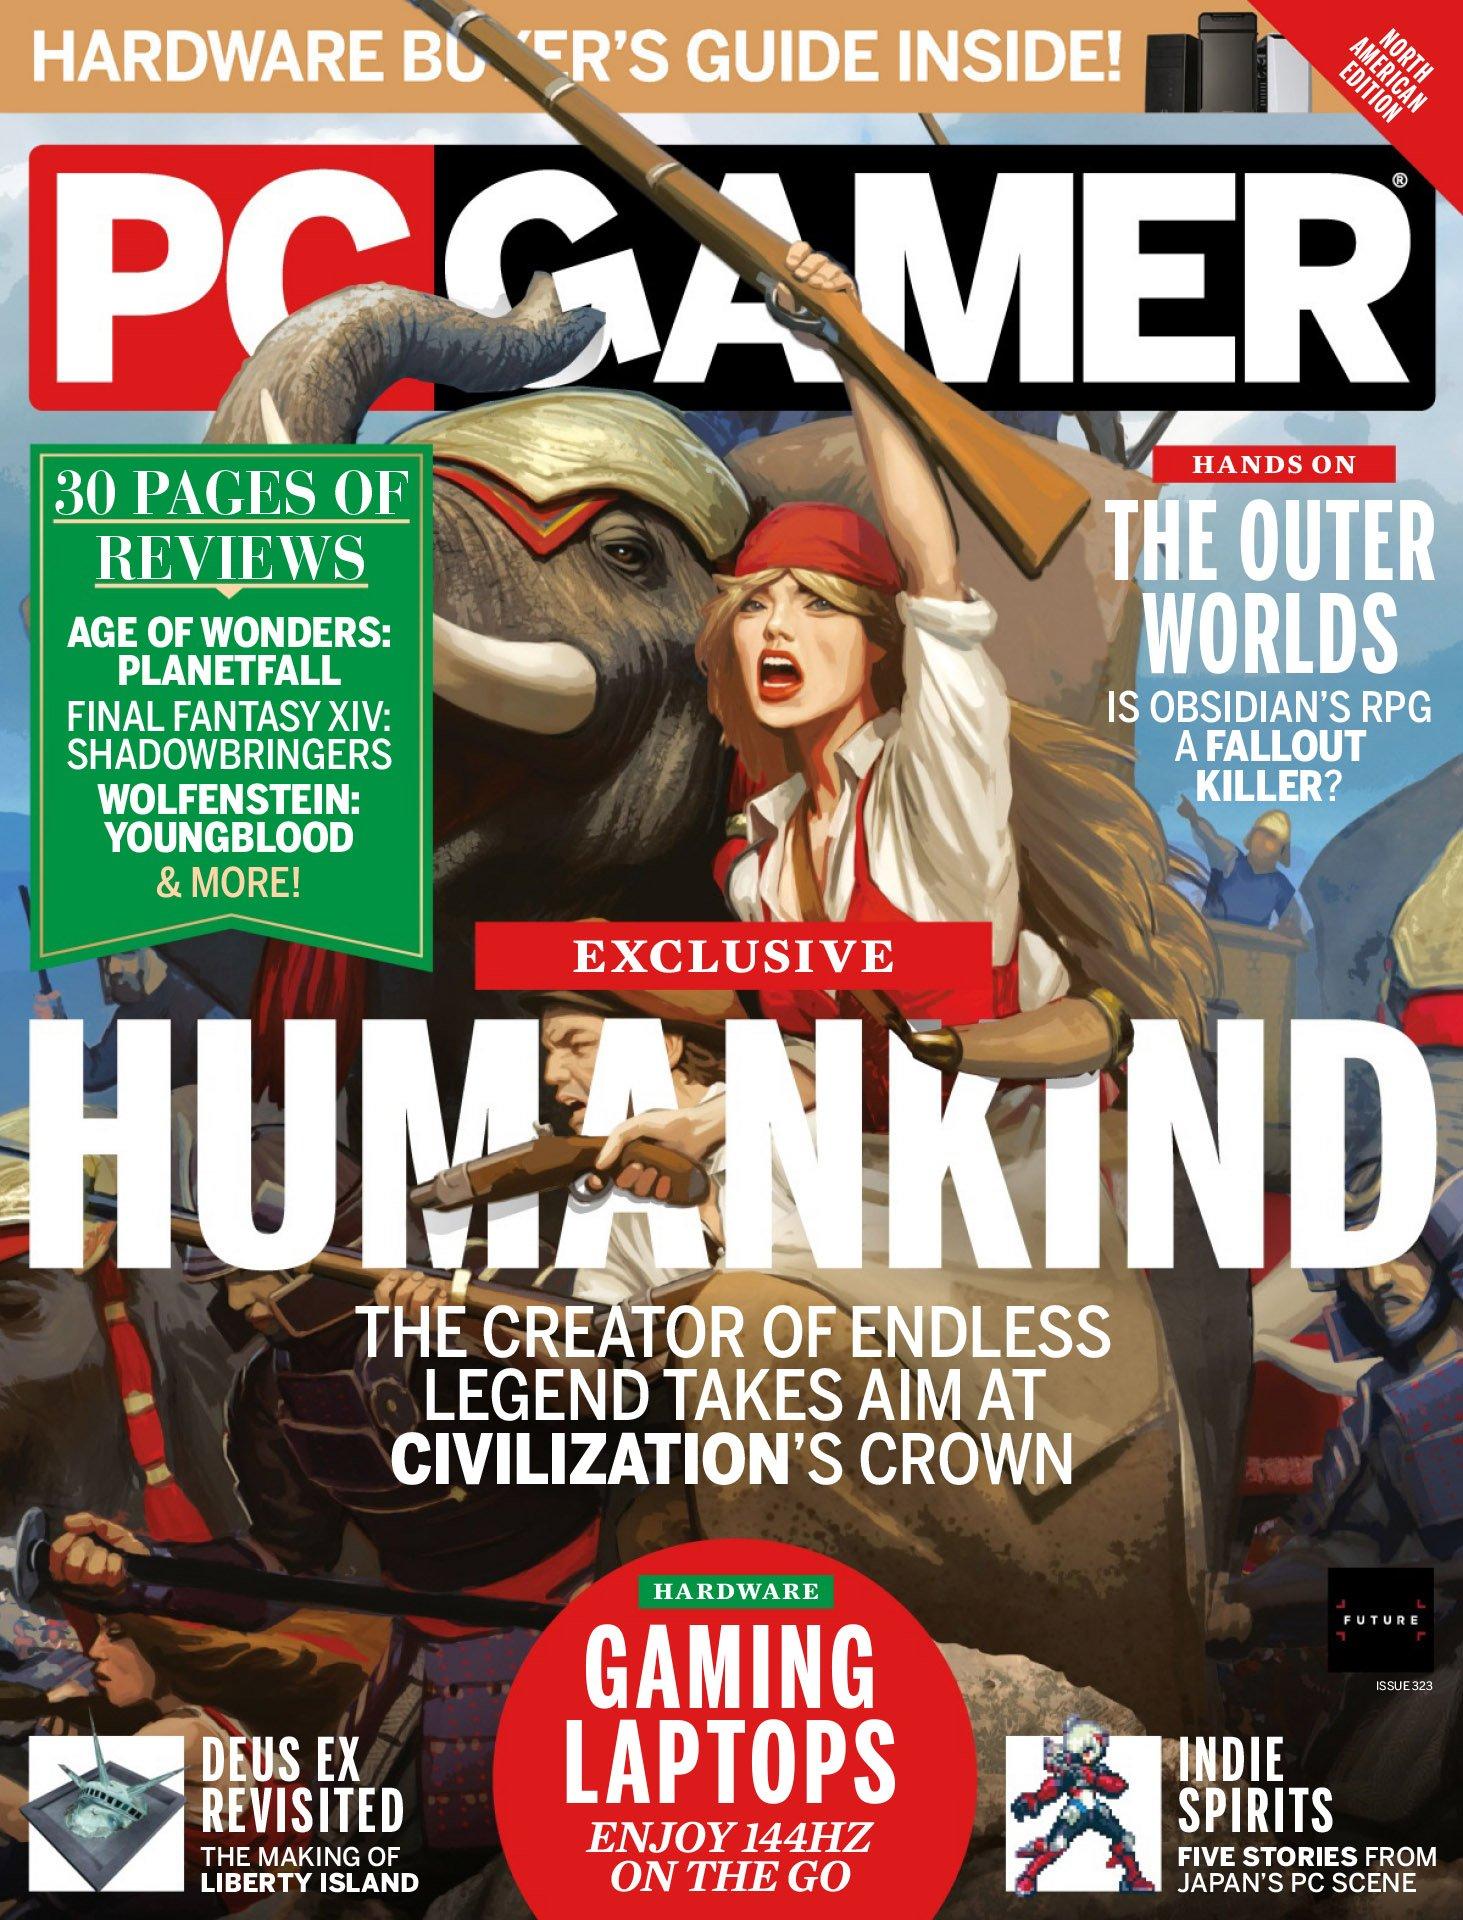 PC Gamer Issue 323 (November 2019)